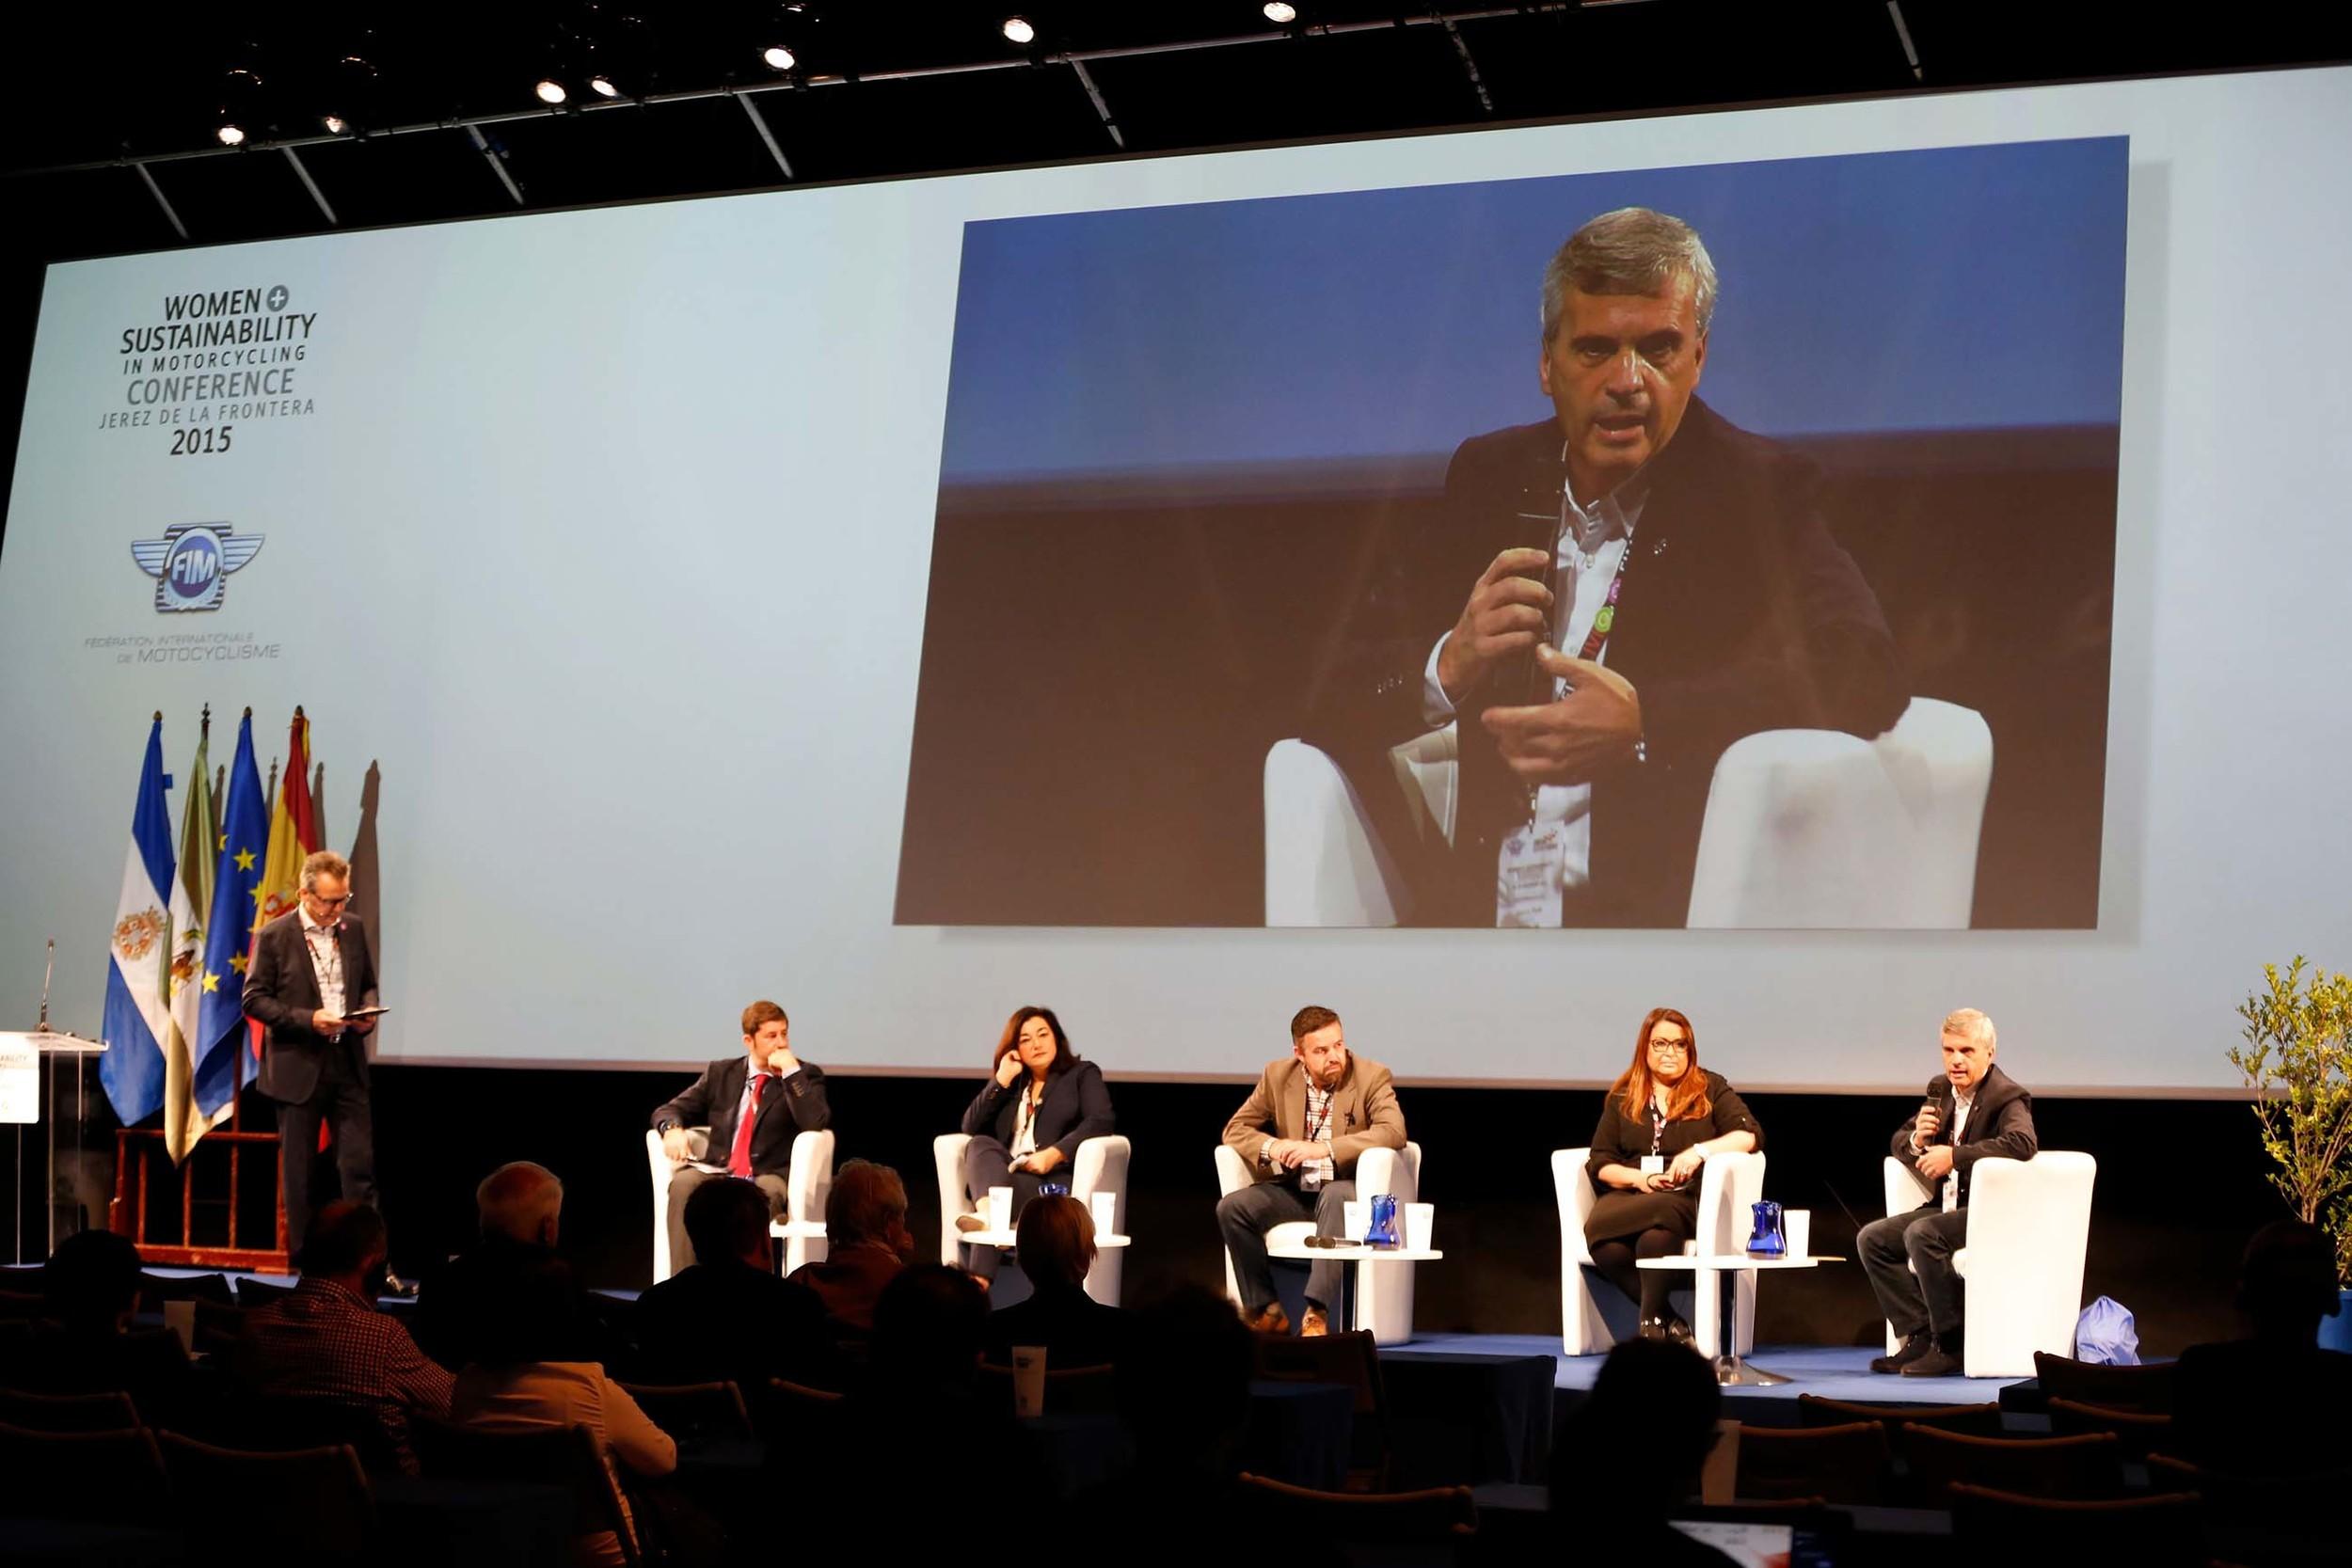 074_Women_Sustainability_conference_Plenarysession1  .jpg